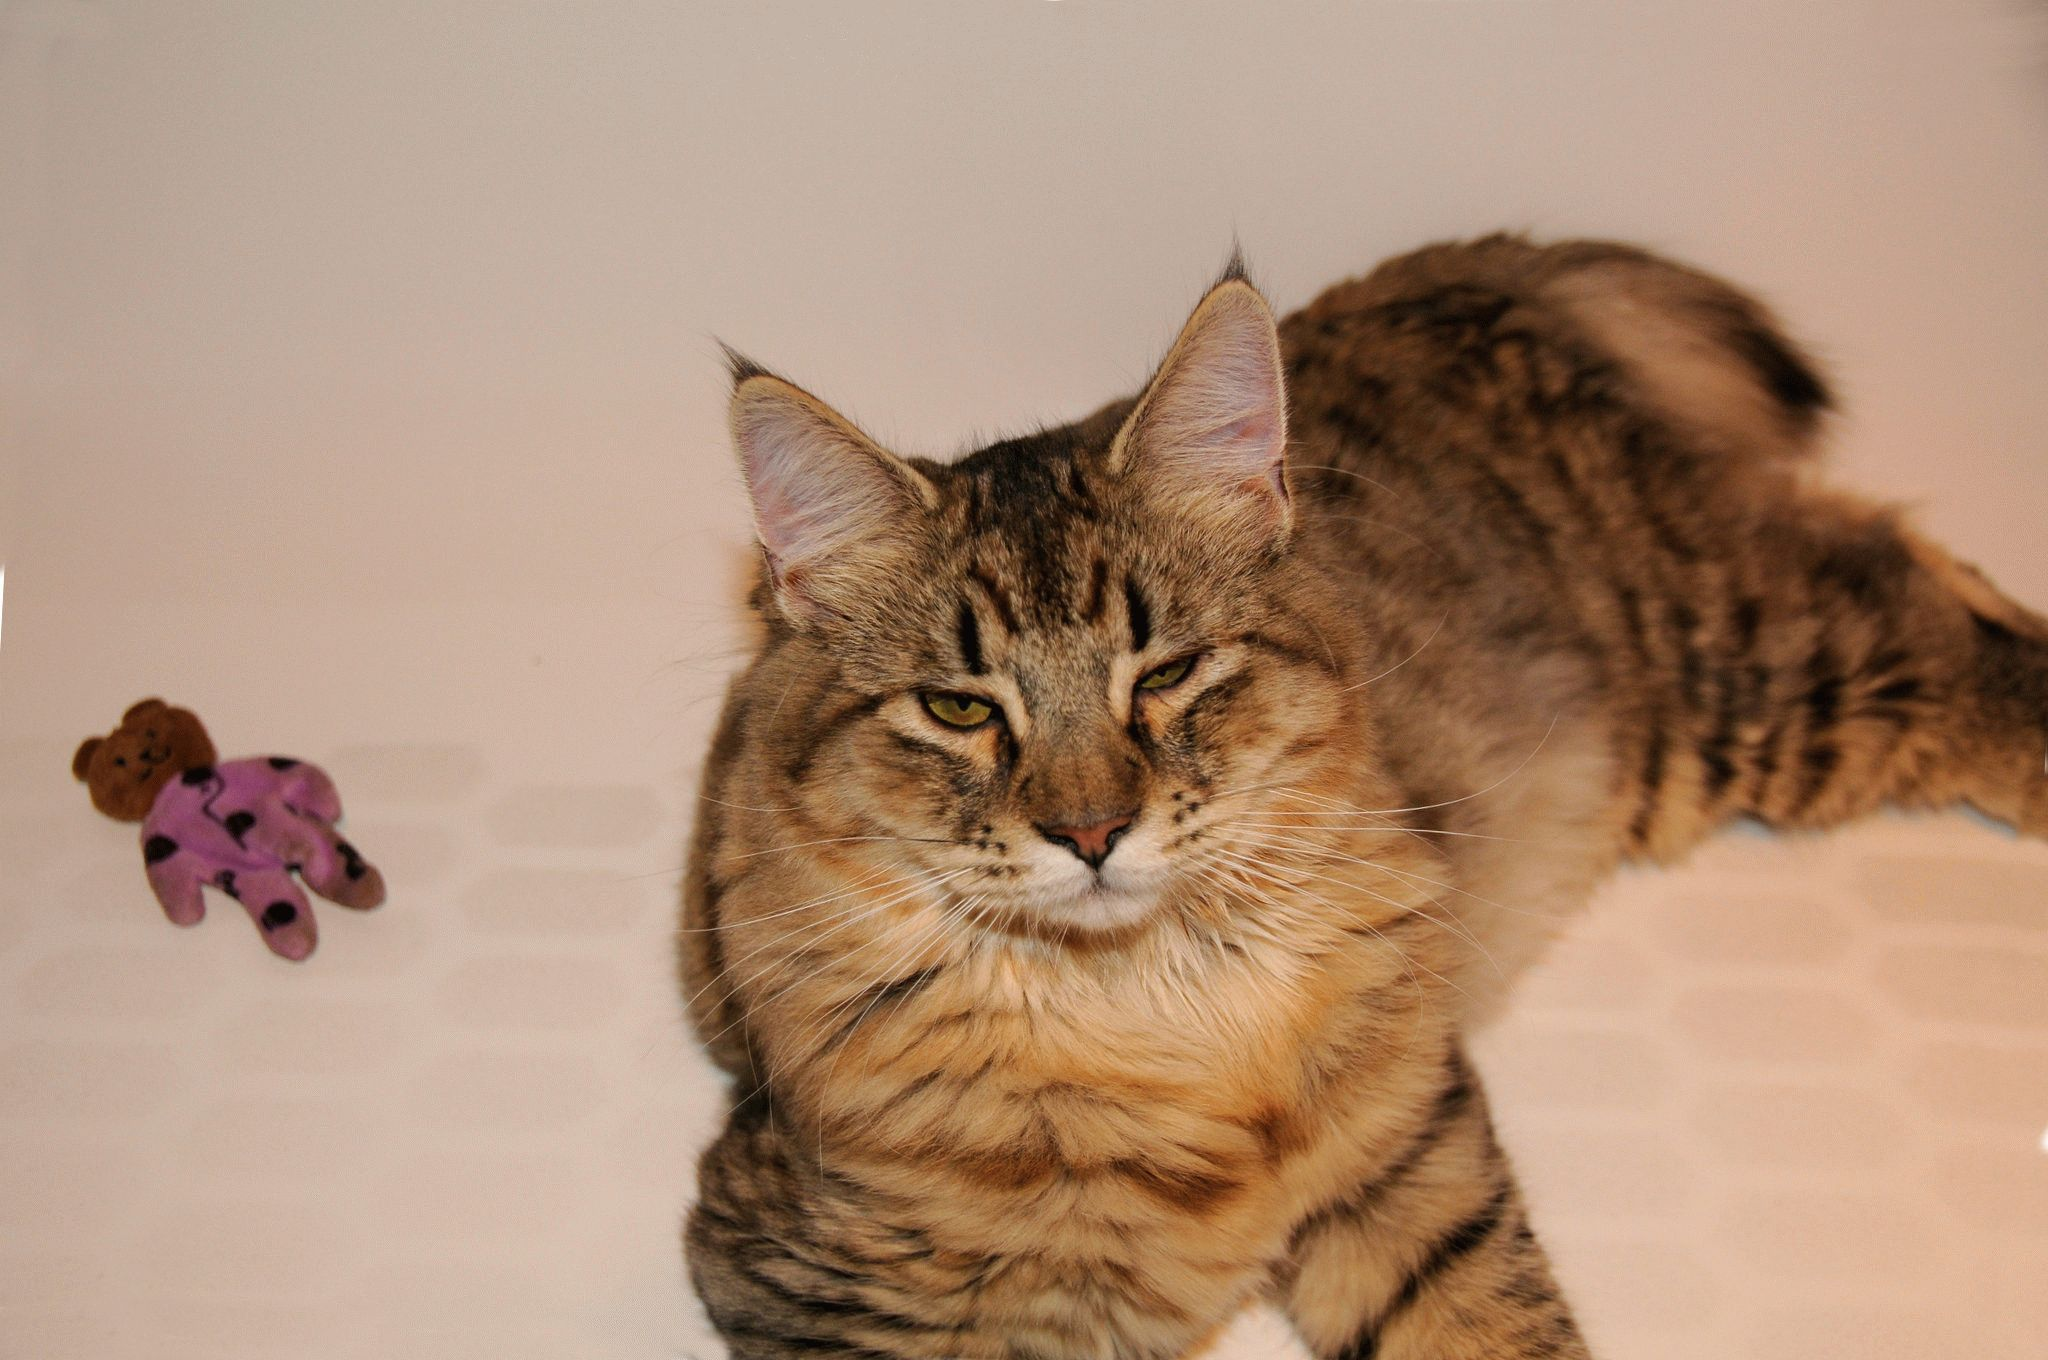 кошки с кисточками на ушах фото днем